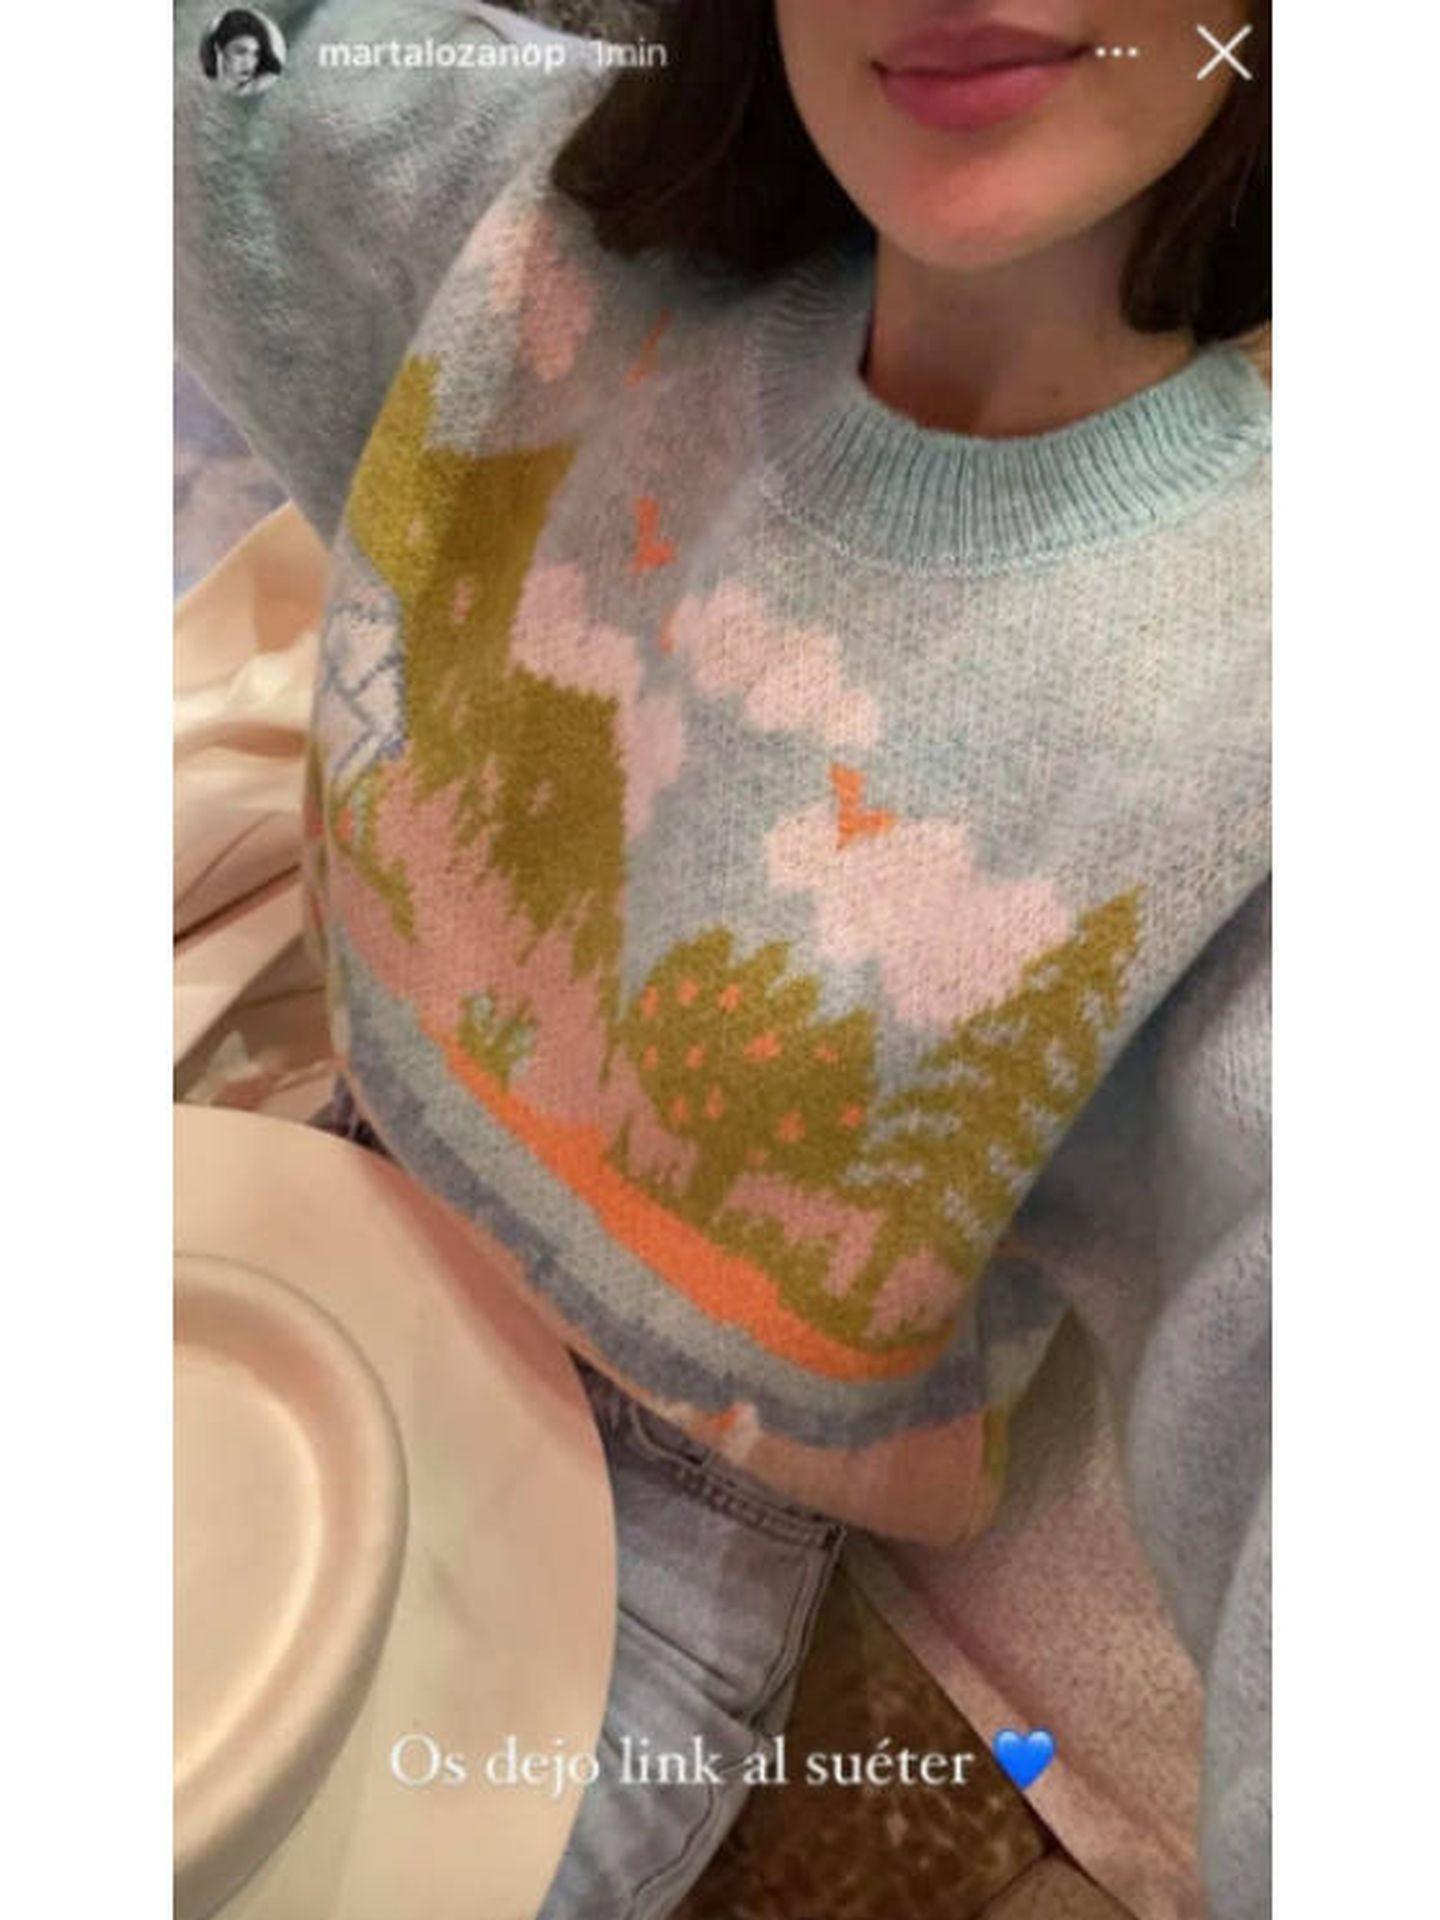 La influencer Marta Lozano, con un jersey de Zara. (Instagram @martalozanop)